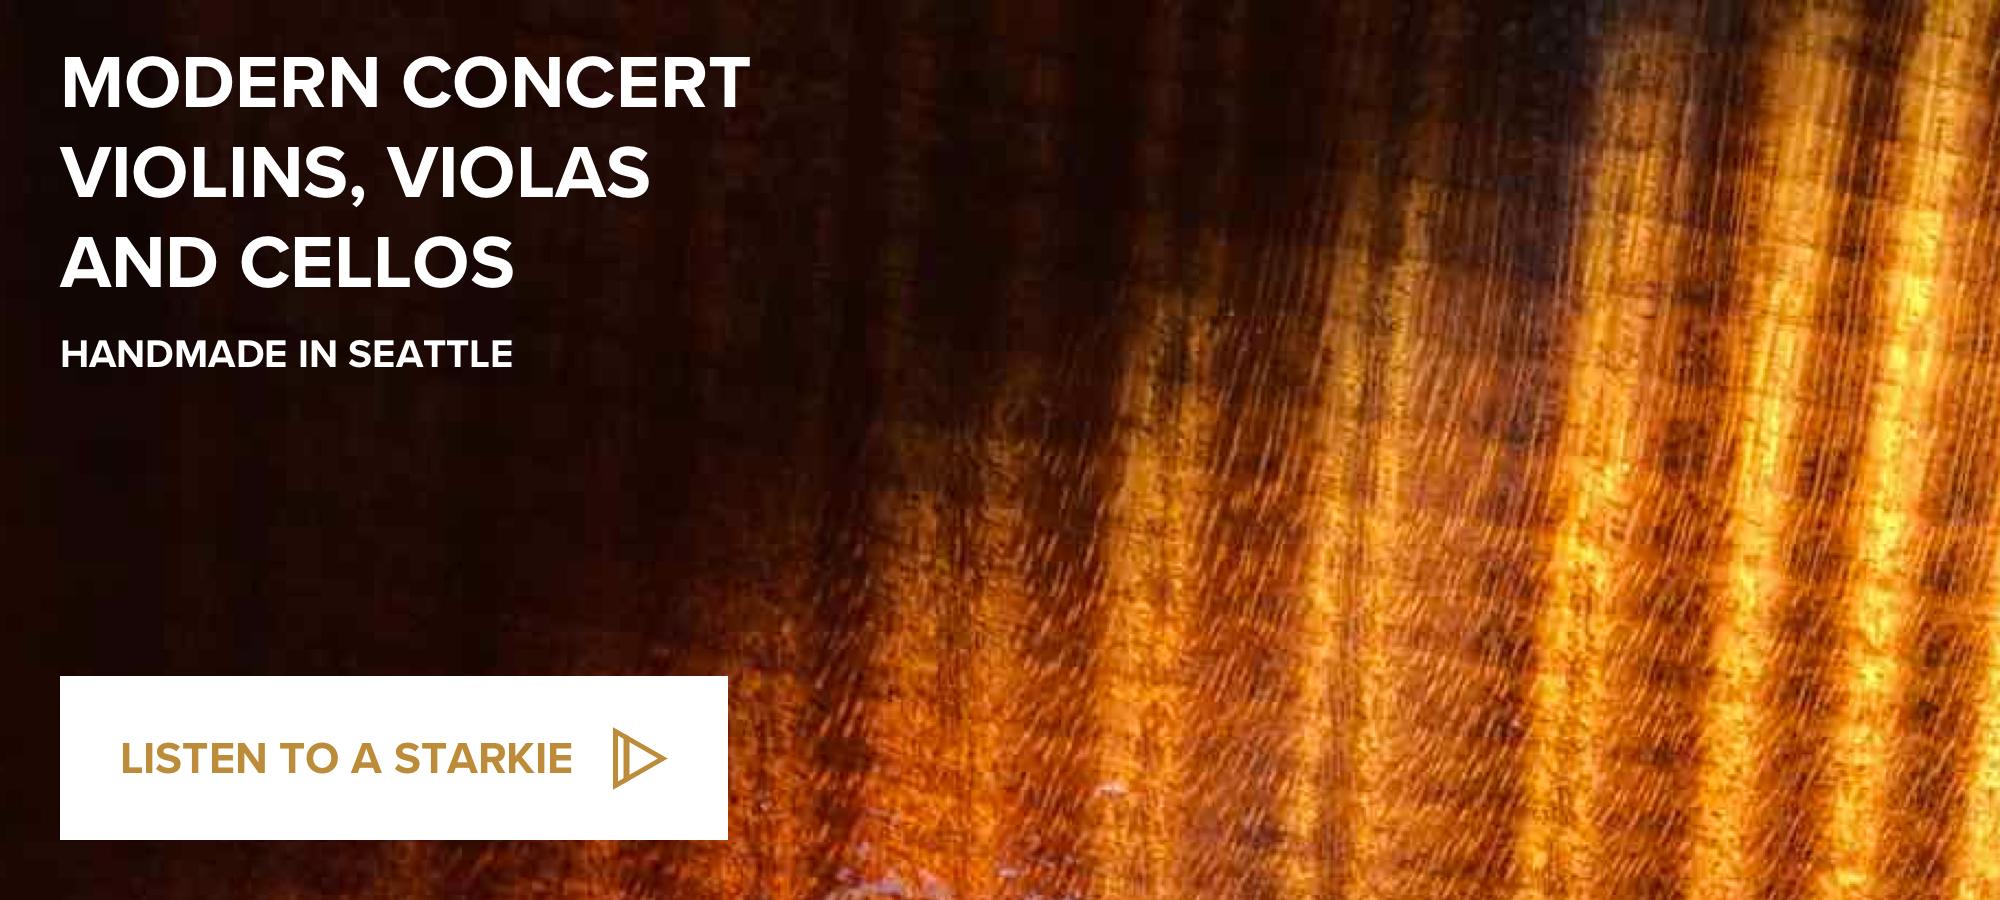 modern-concert-violins-violas-cellos-homepage-teaser.jpg